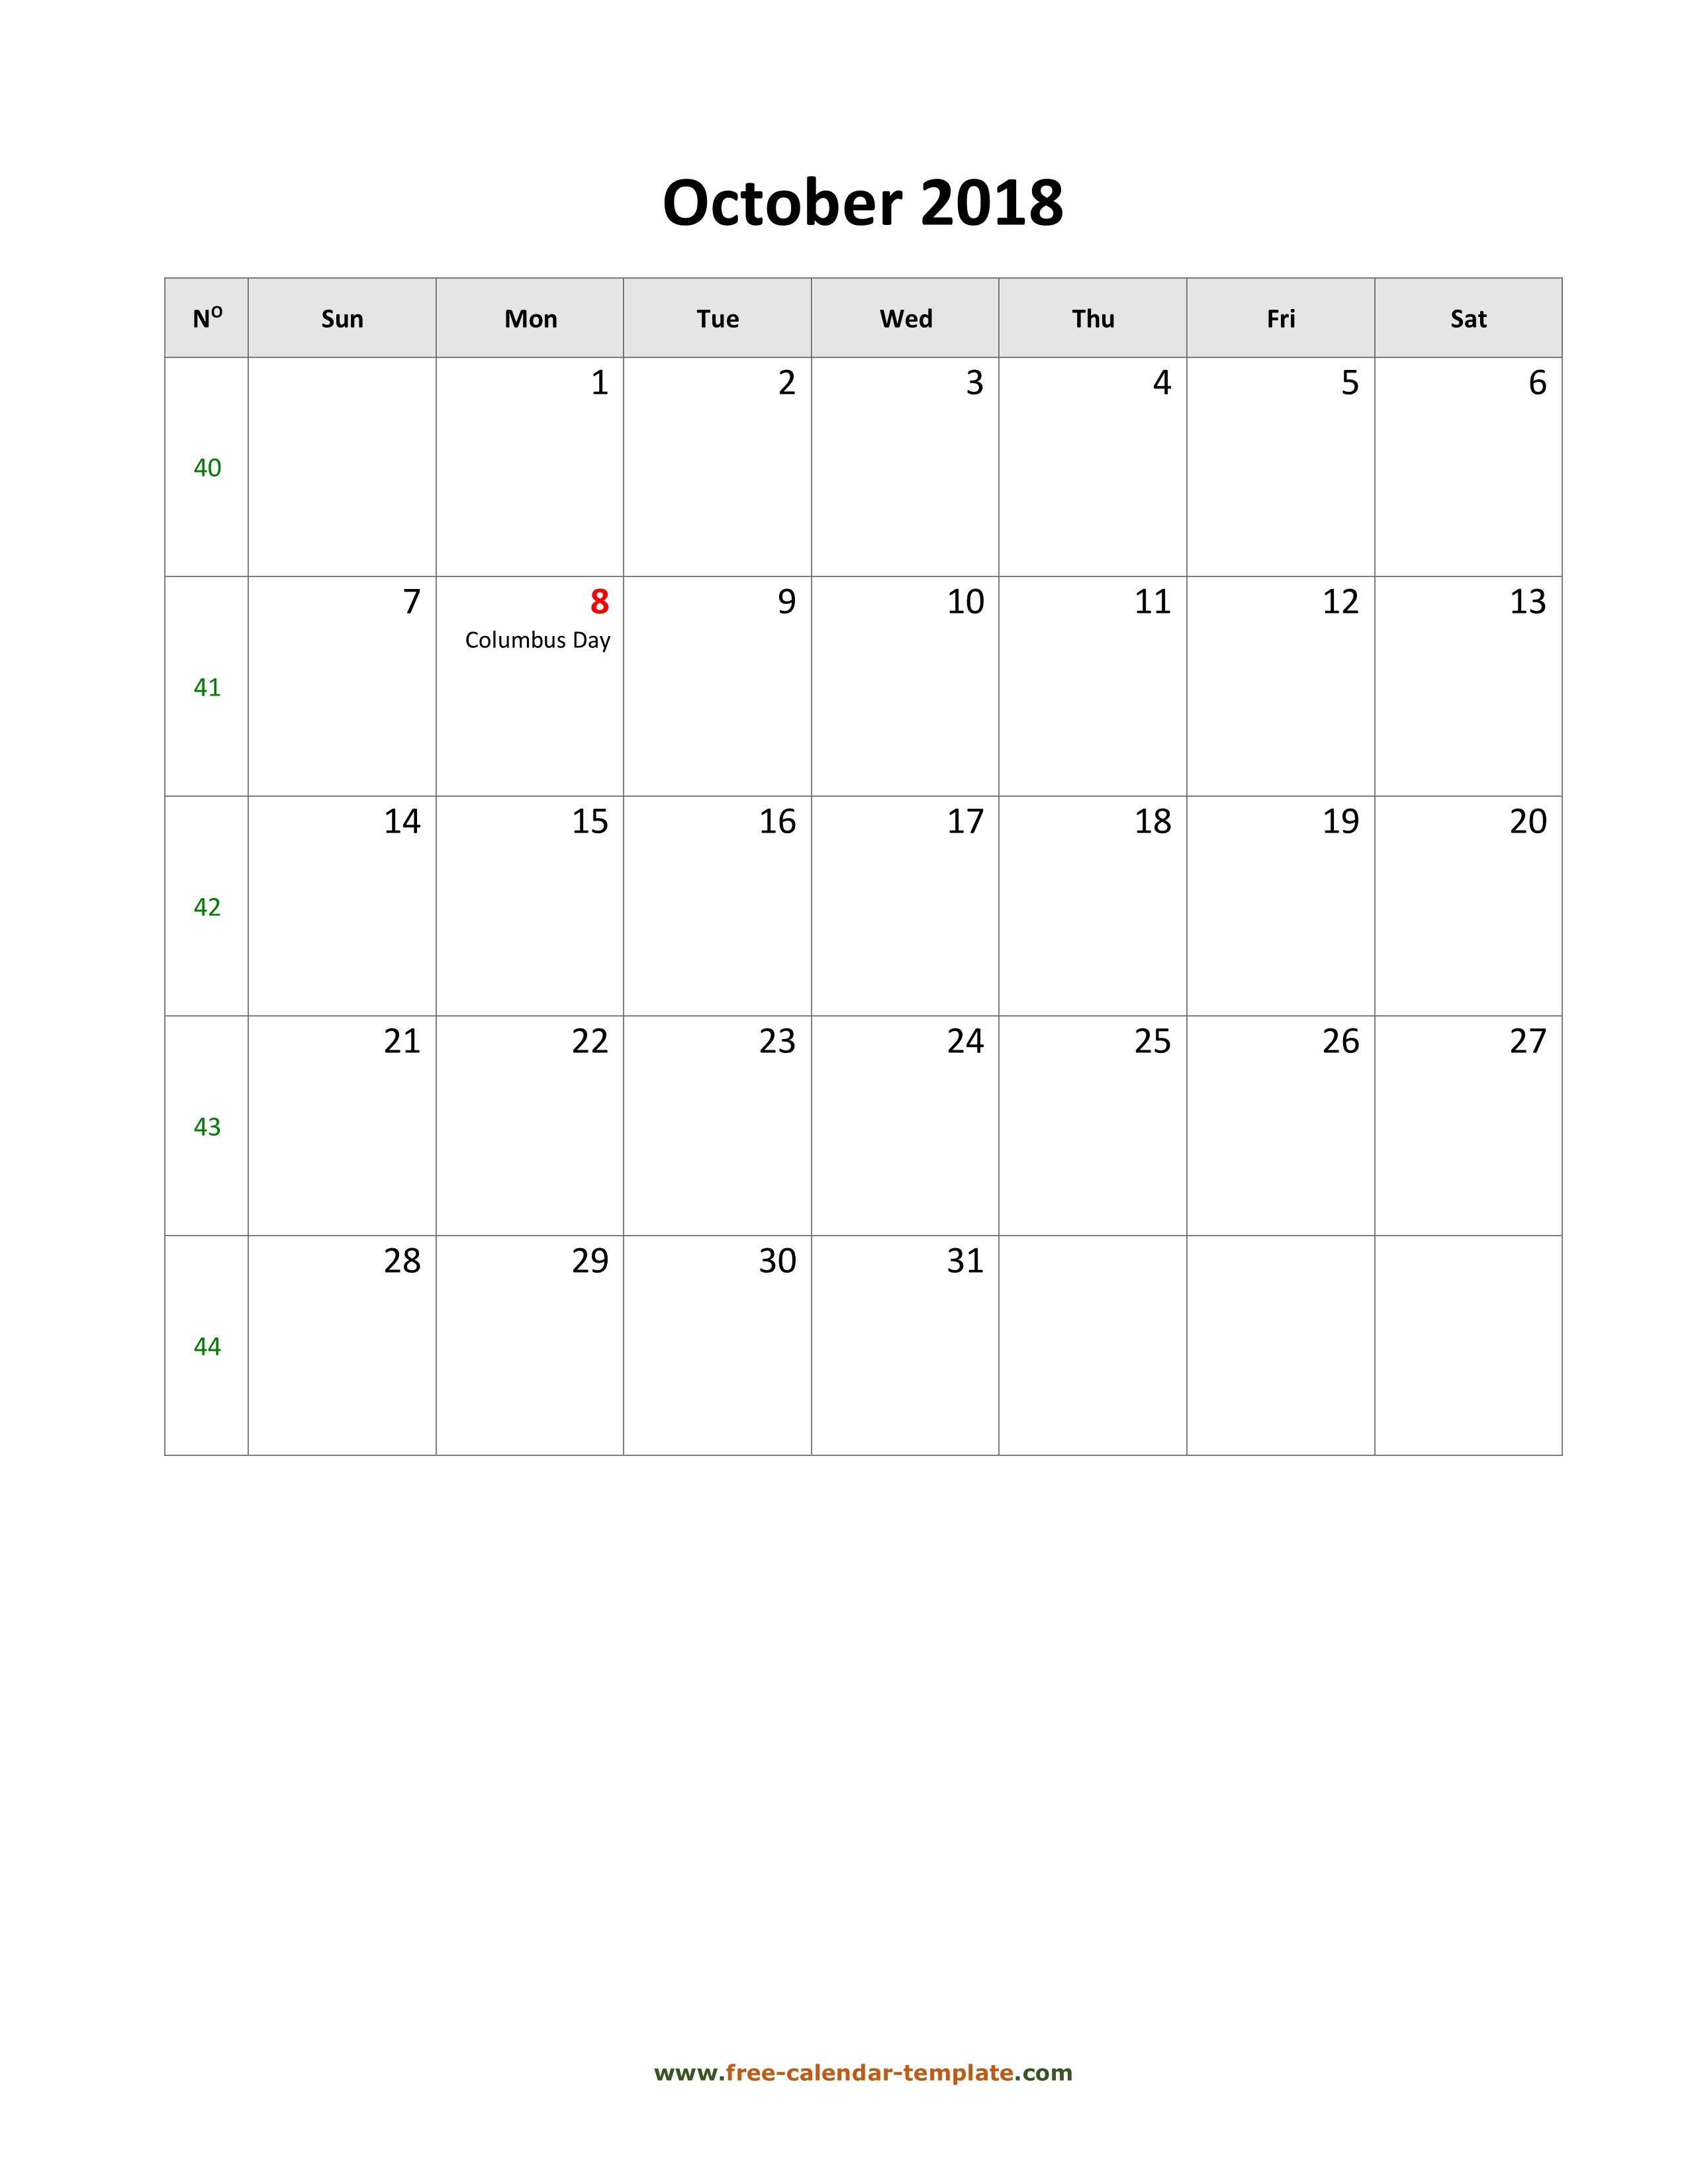 2018 October Calendar (Blank Vertical Template) | Free-Calendar with regard to October Calendar Printable Template